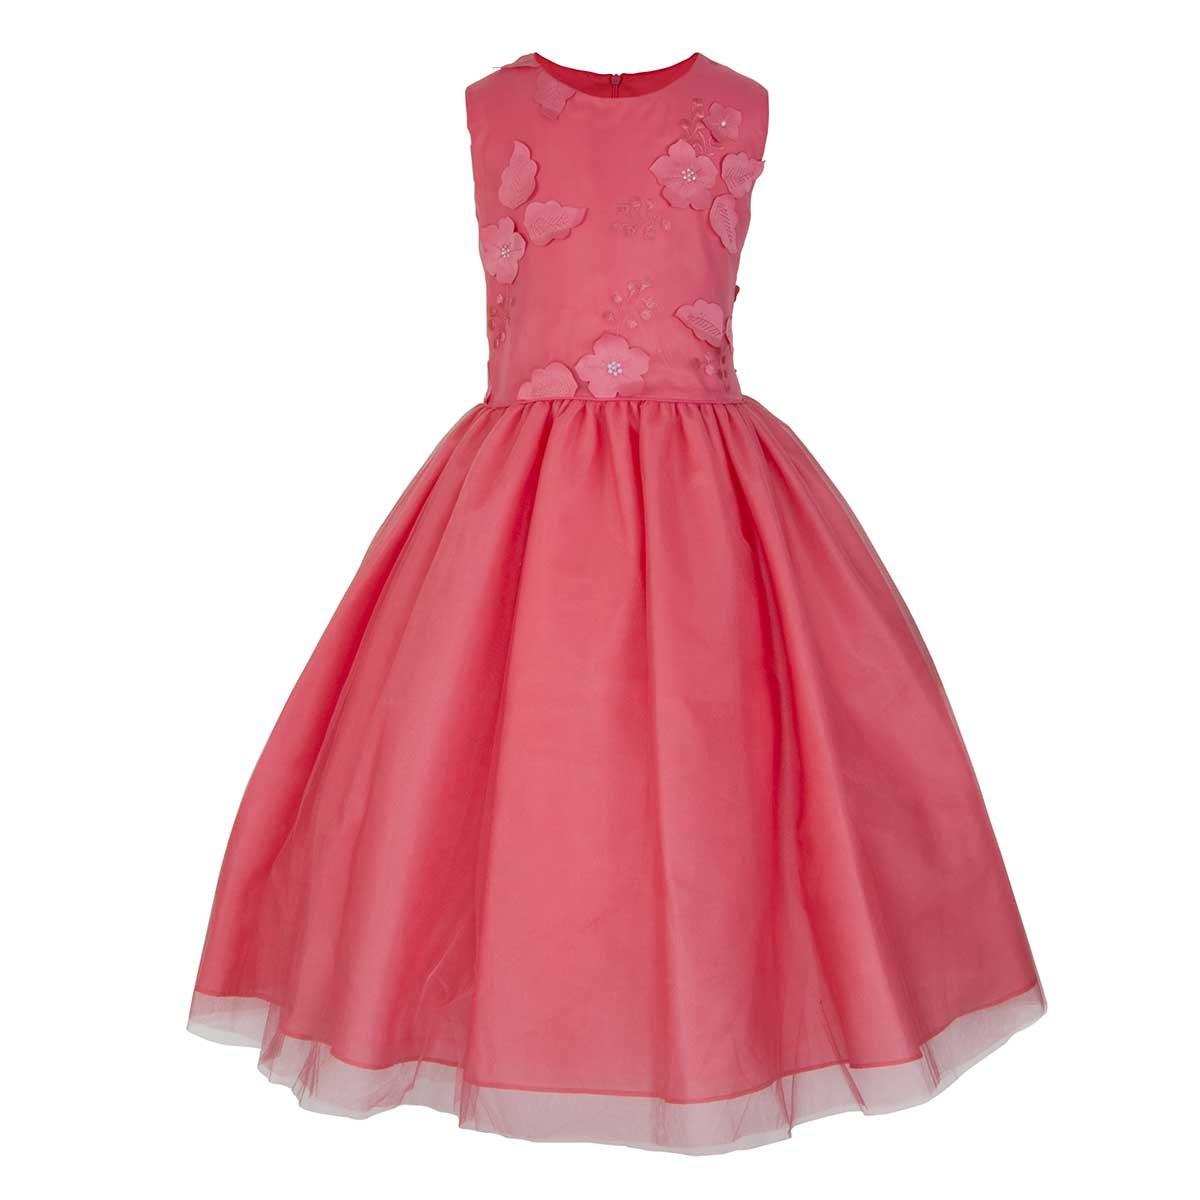 Vestido Liso con Mariposas Helen | SEARS.COM.MX - Me entiende!